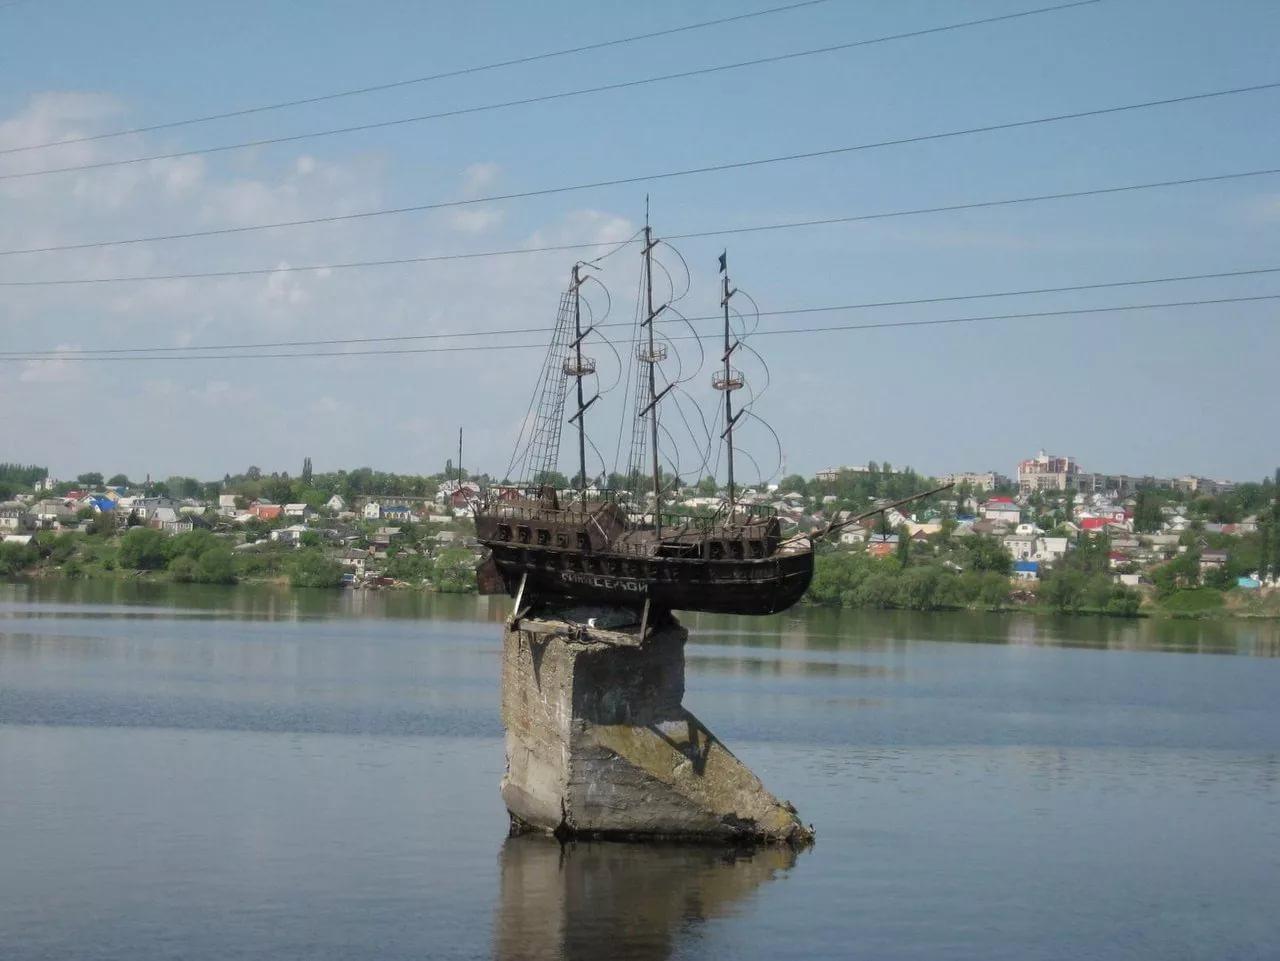 Макет корабля Меркурий, Воронеж